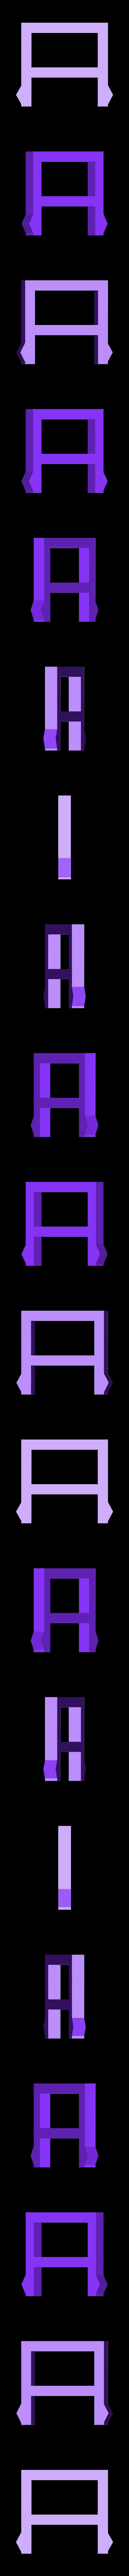 ladder_3.stl Télécharger fichier STL gratuit Boxcar russe série 11-270, échelle HO • Design pour impression 3D, positron